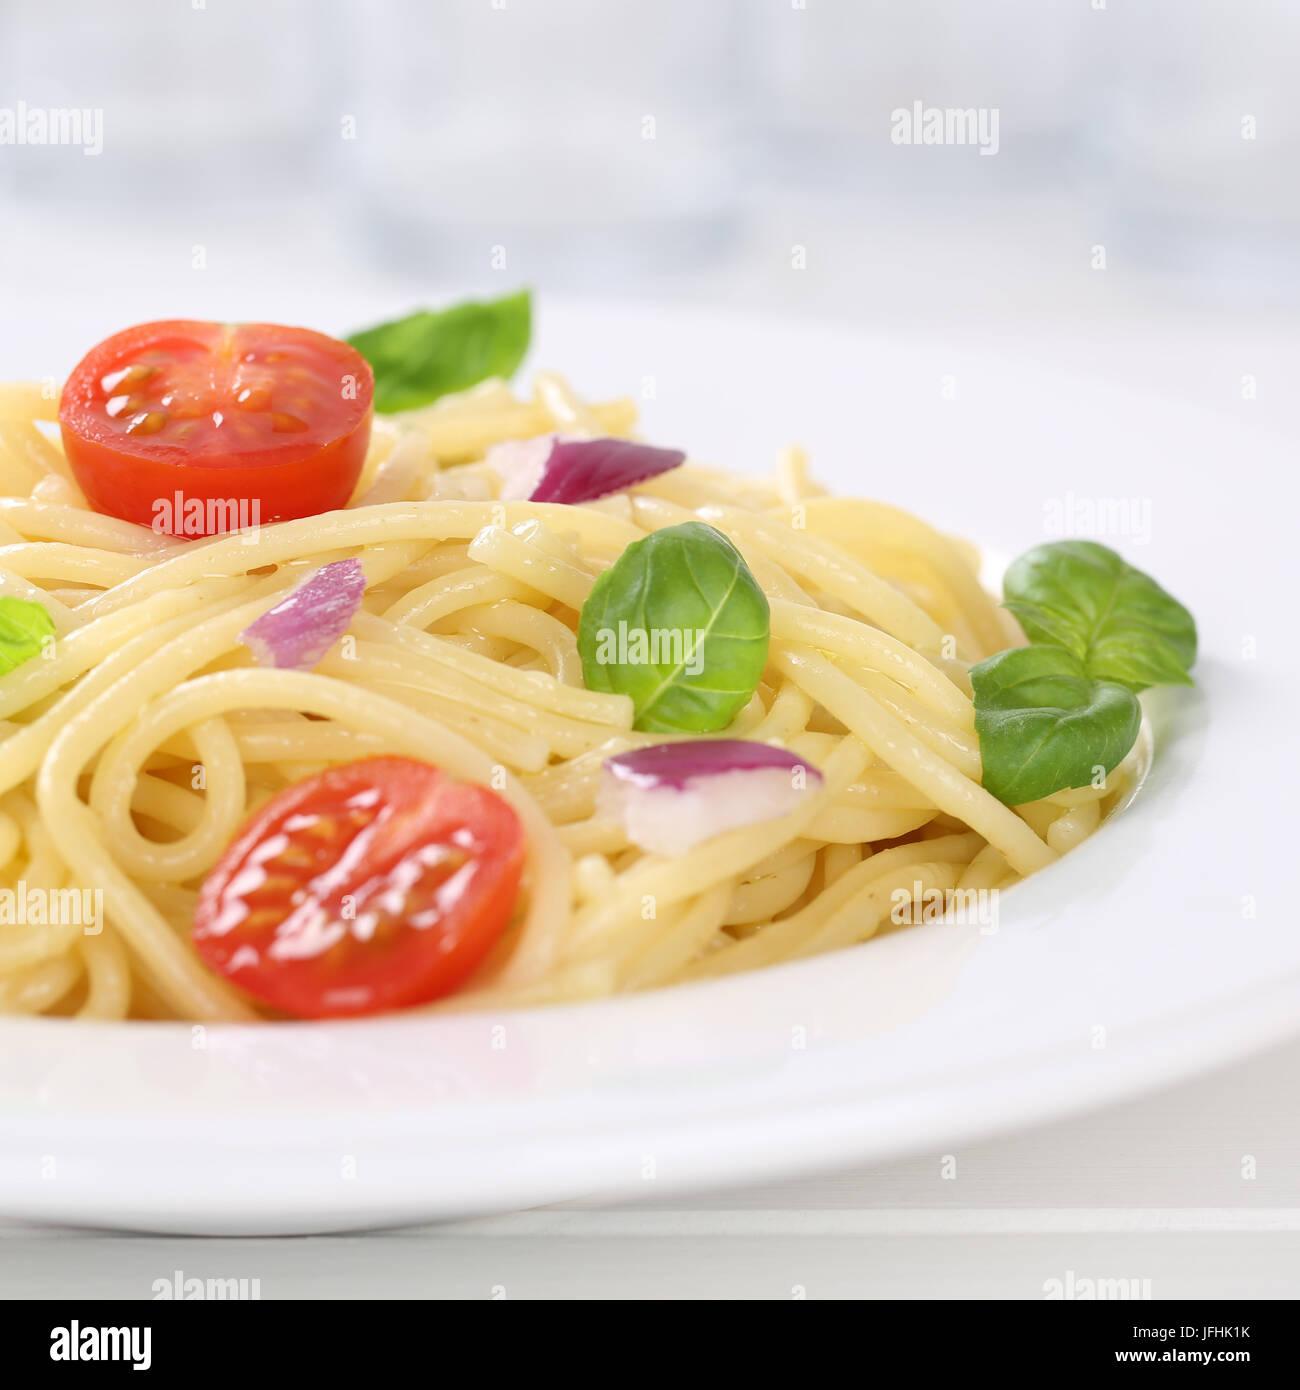 Italienisches Gericht Spaghetti mit Tomaten Nudeln Nudeln mit Teller Stockbild